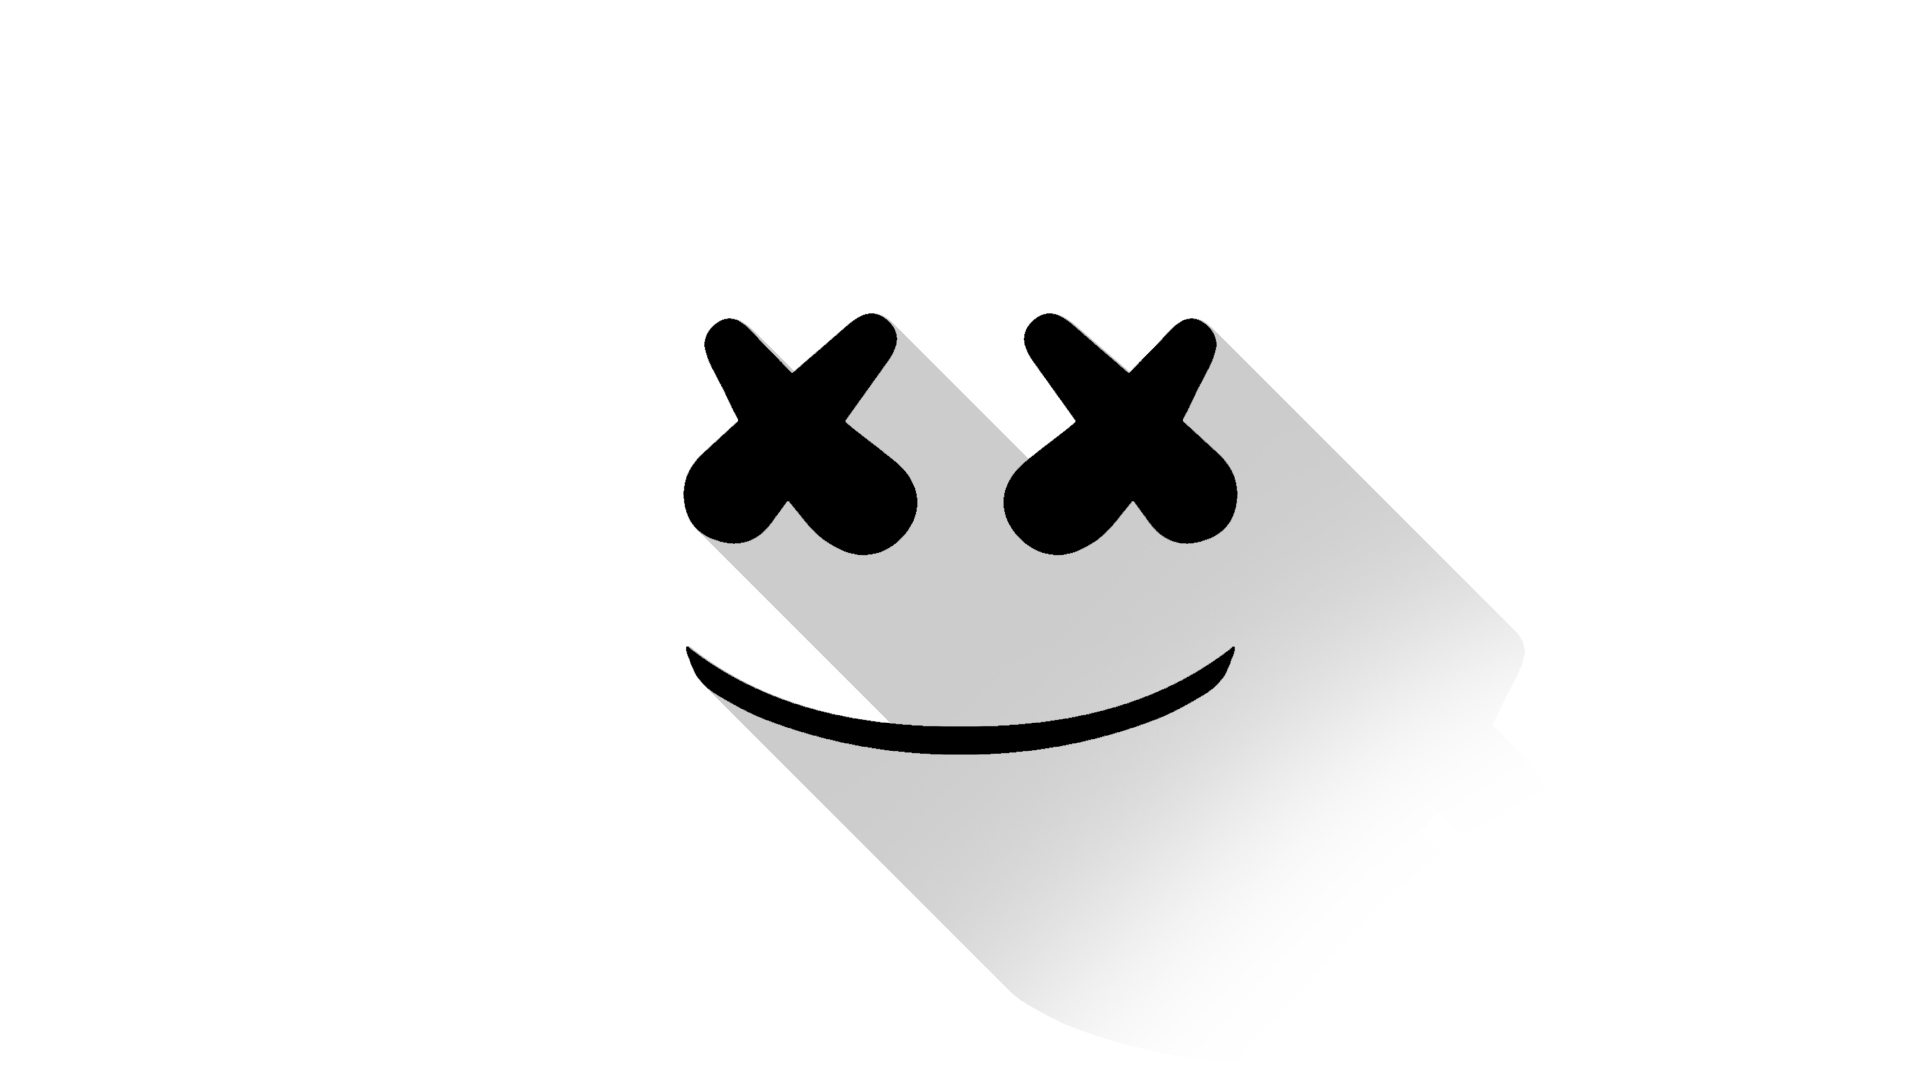 Fondos de pantalla Marshmello DJ Minimalist Logo